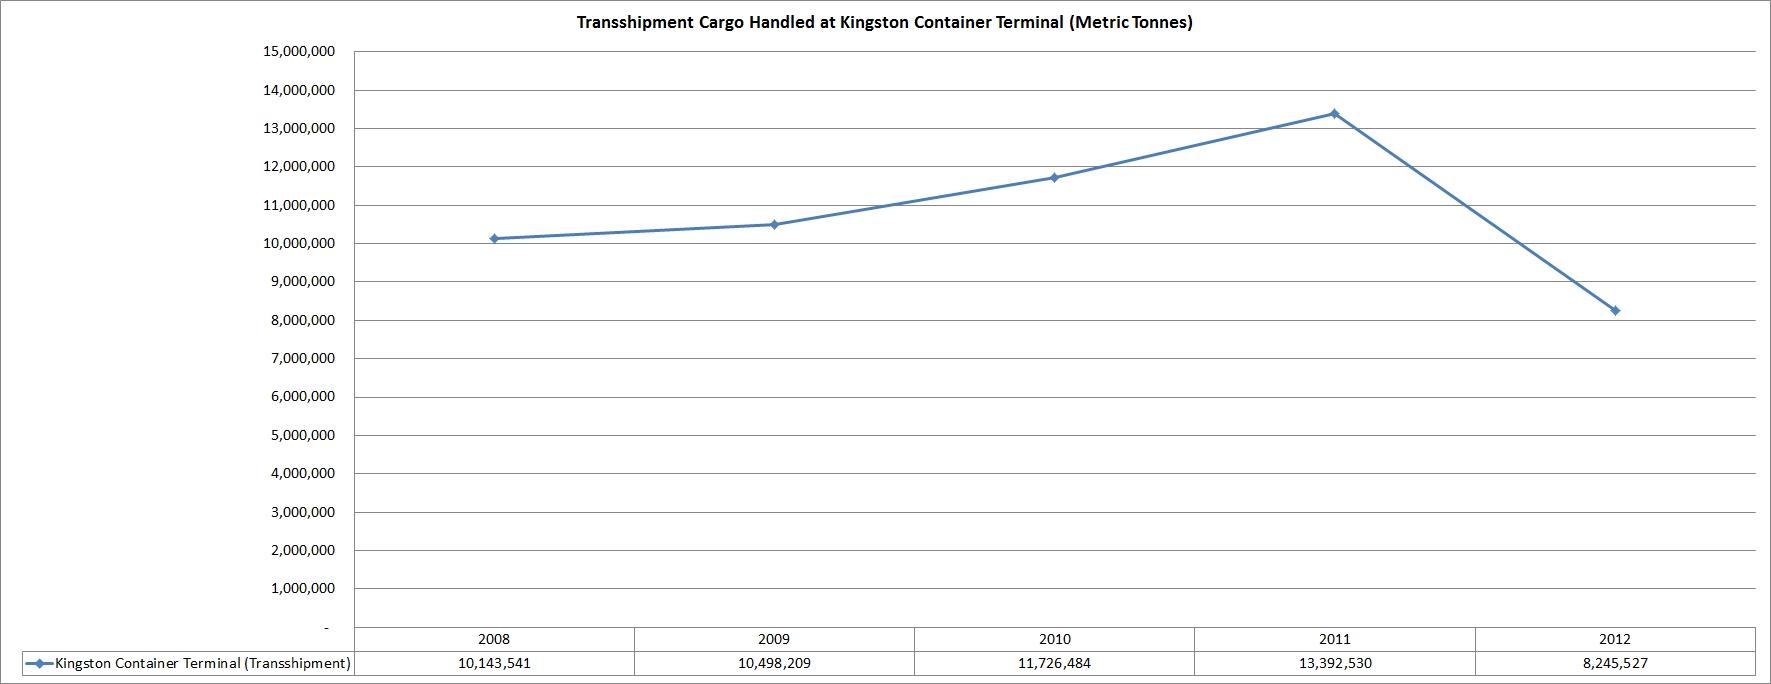 jamaica_total_transshipment_cargo_2008_2012